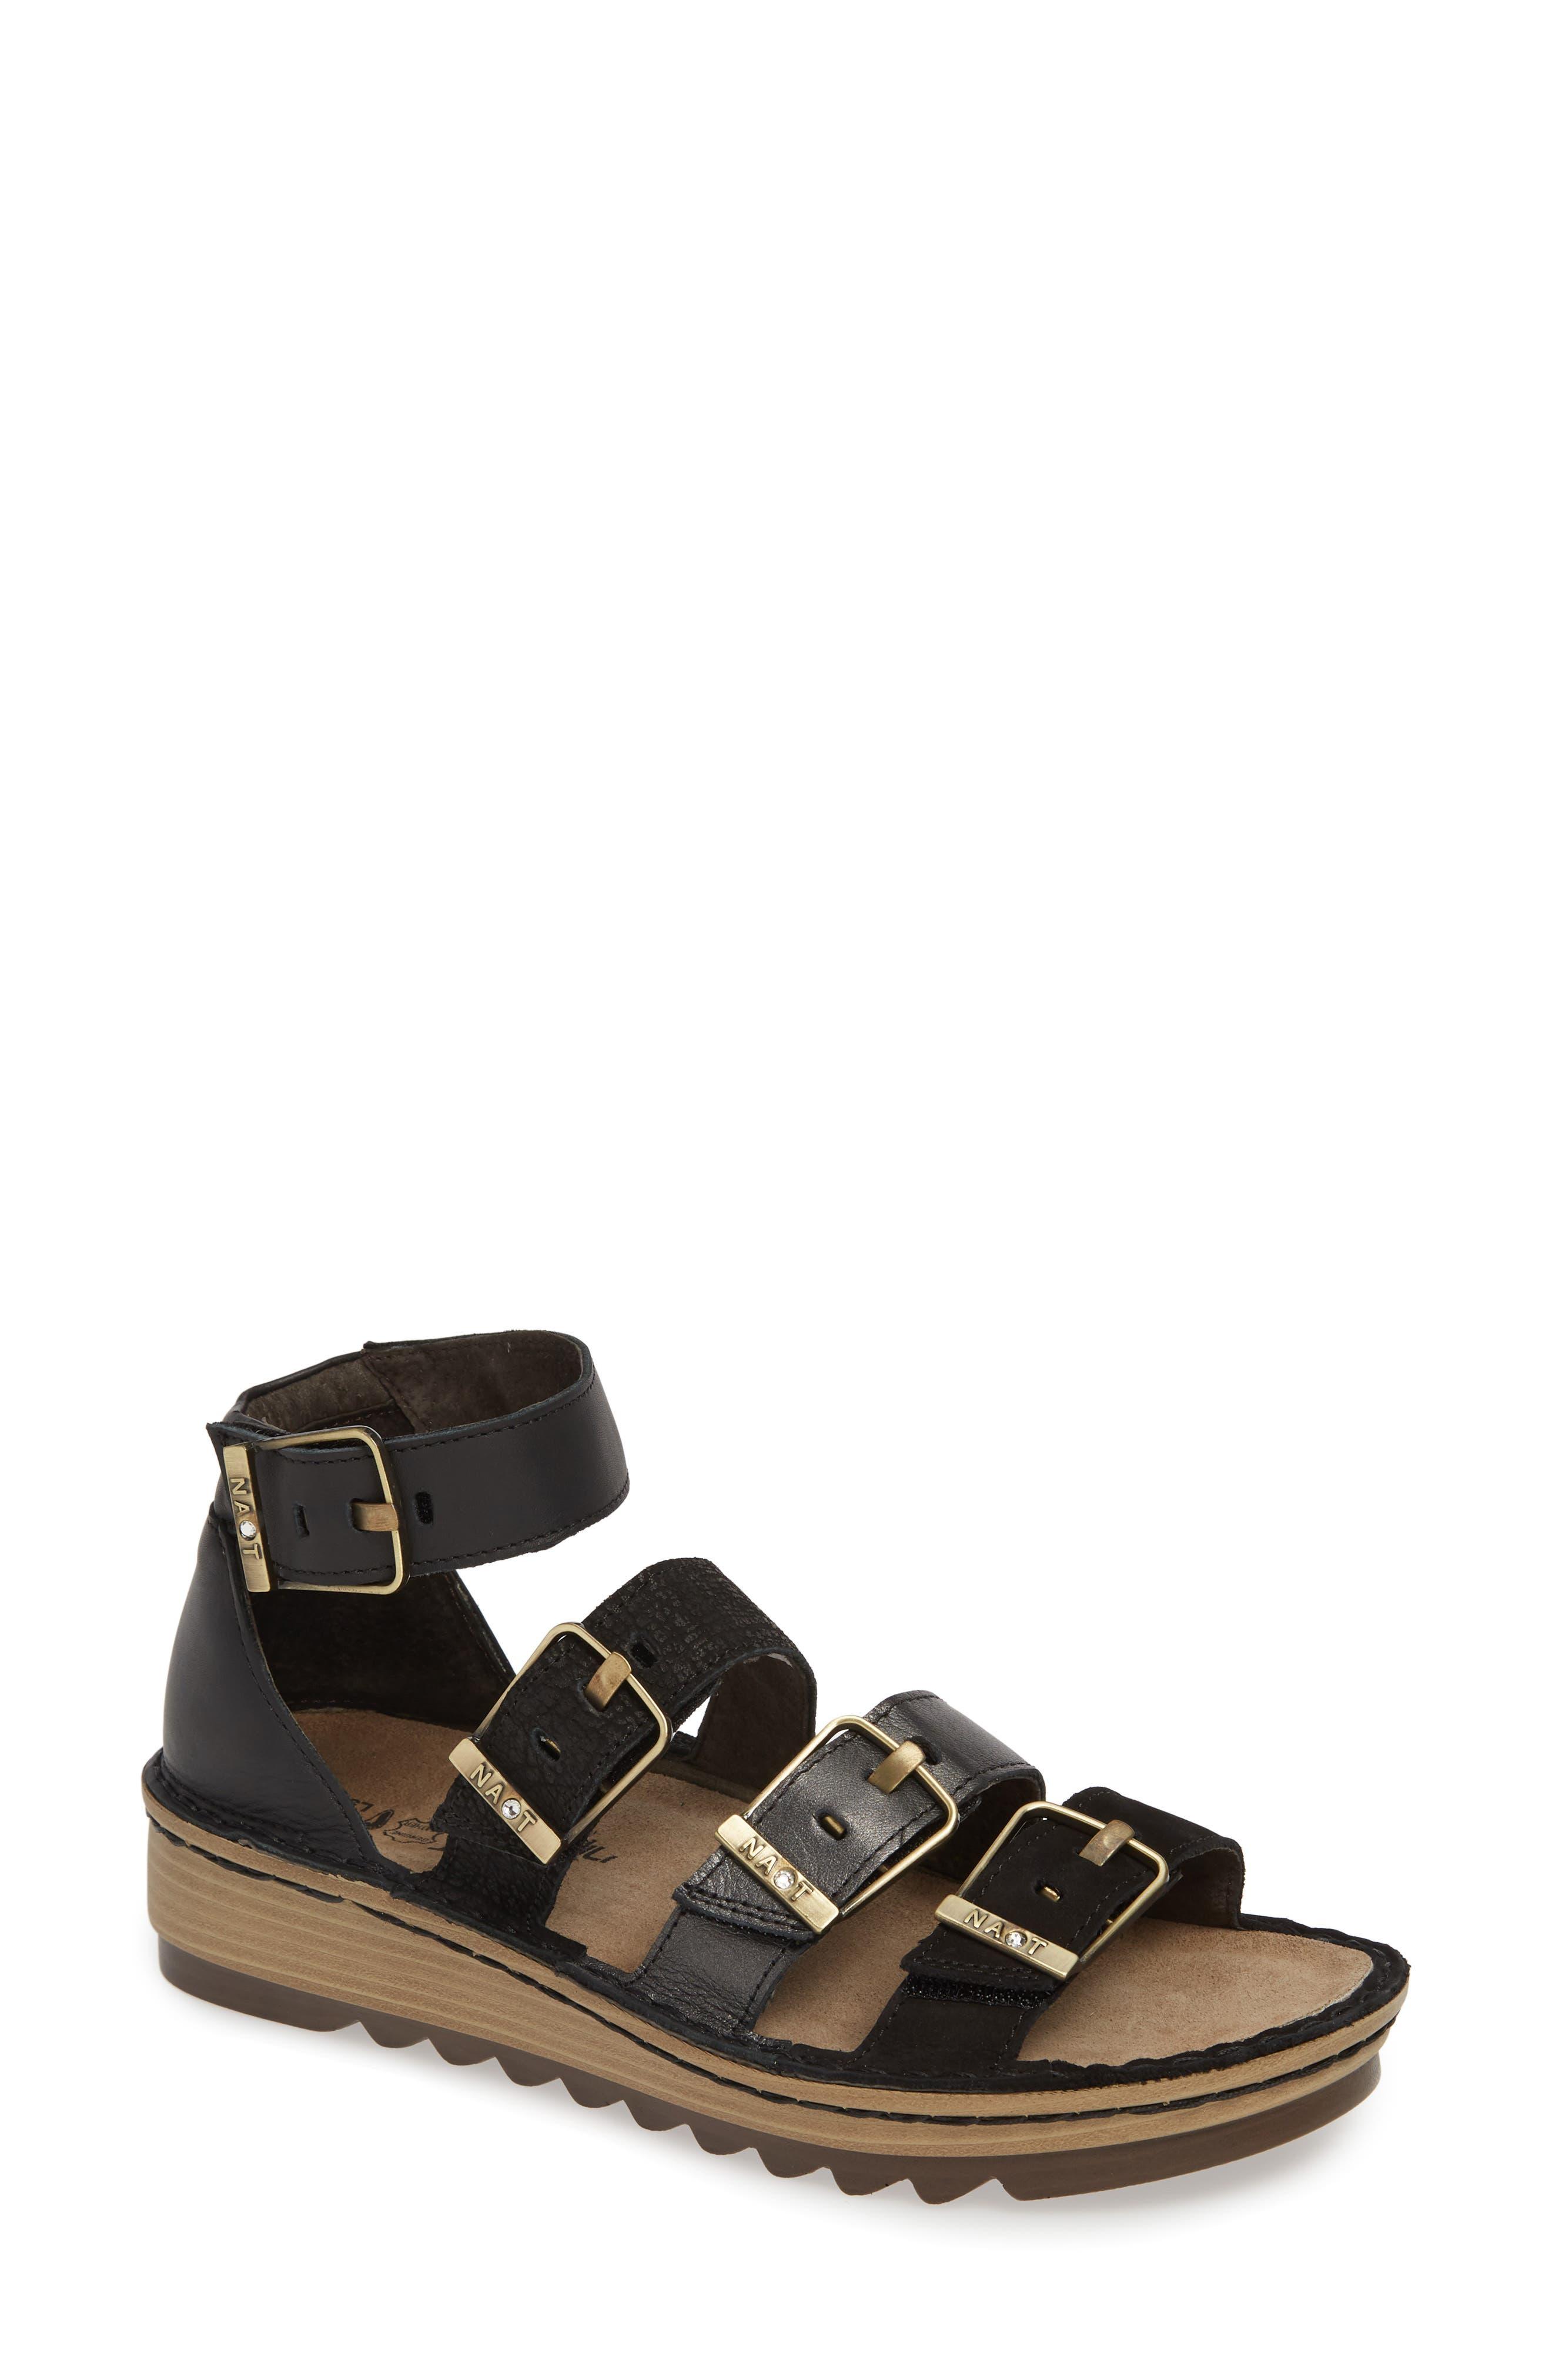 d5e9d9fc916a Naot Ankle Strap Sandals for Women